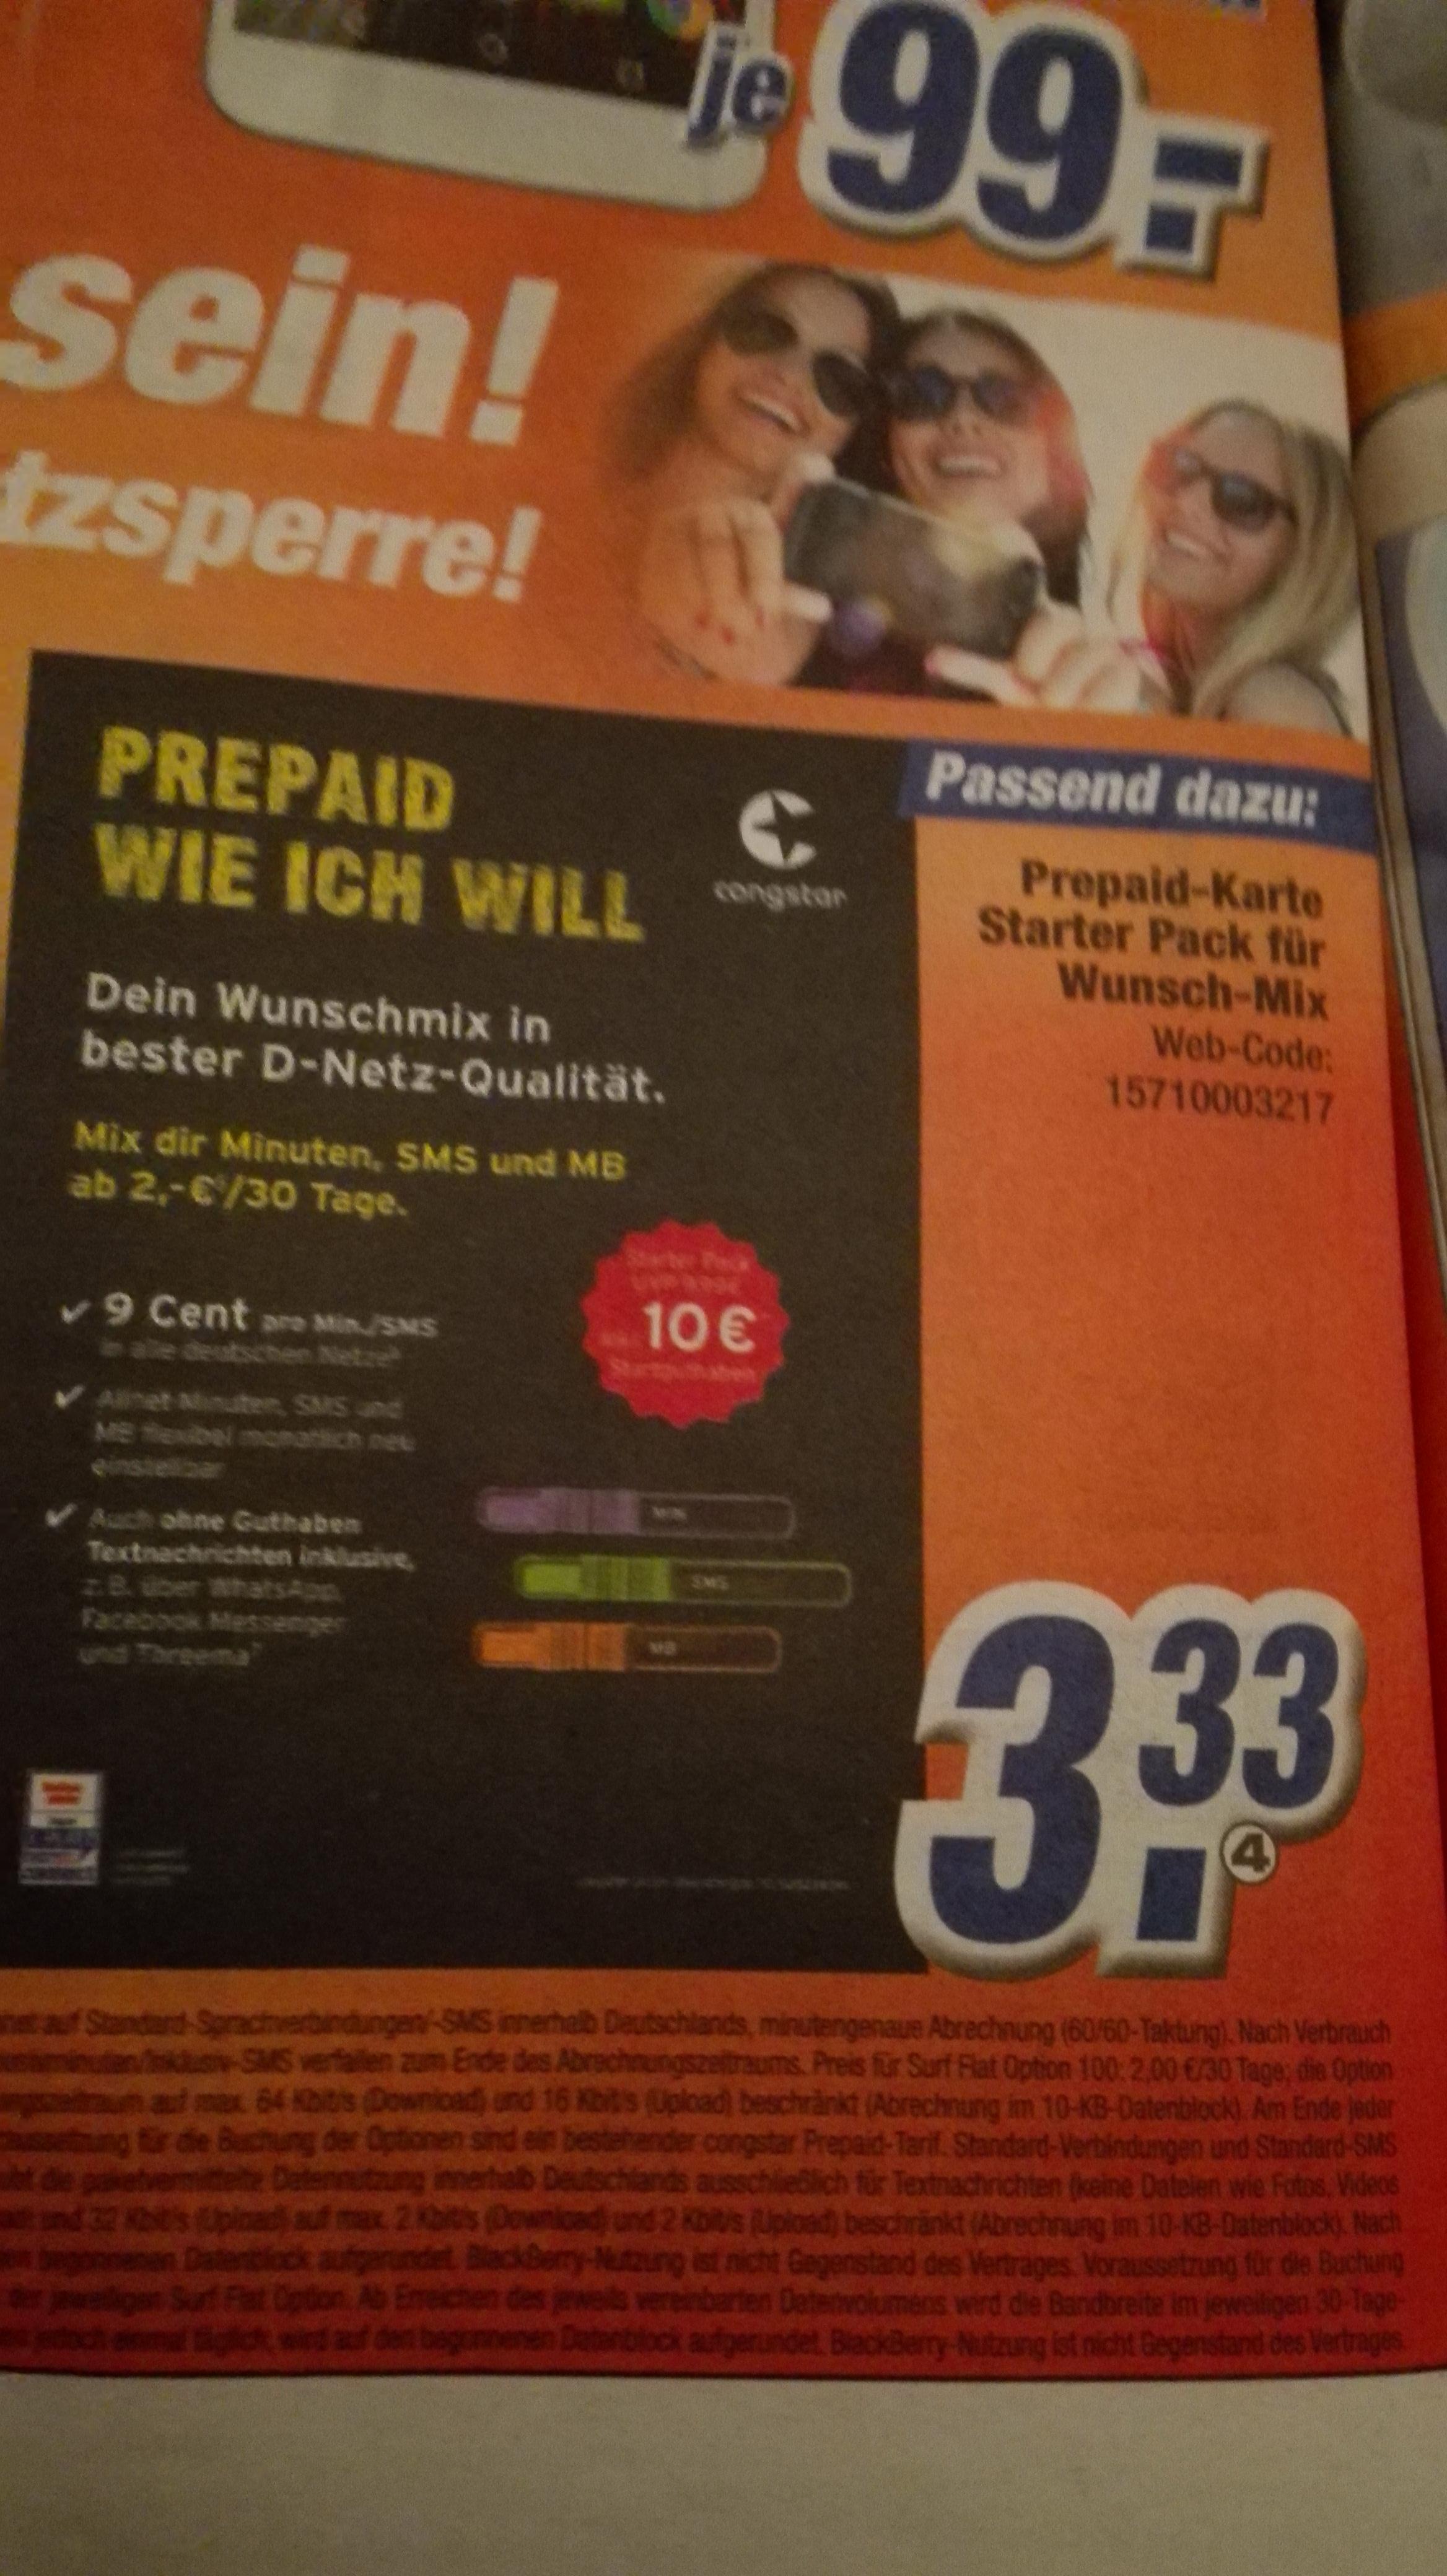 Congstar prepaid wie ich will für 3,33€ / 10€ SGH @ Expert klein